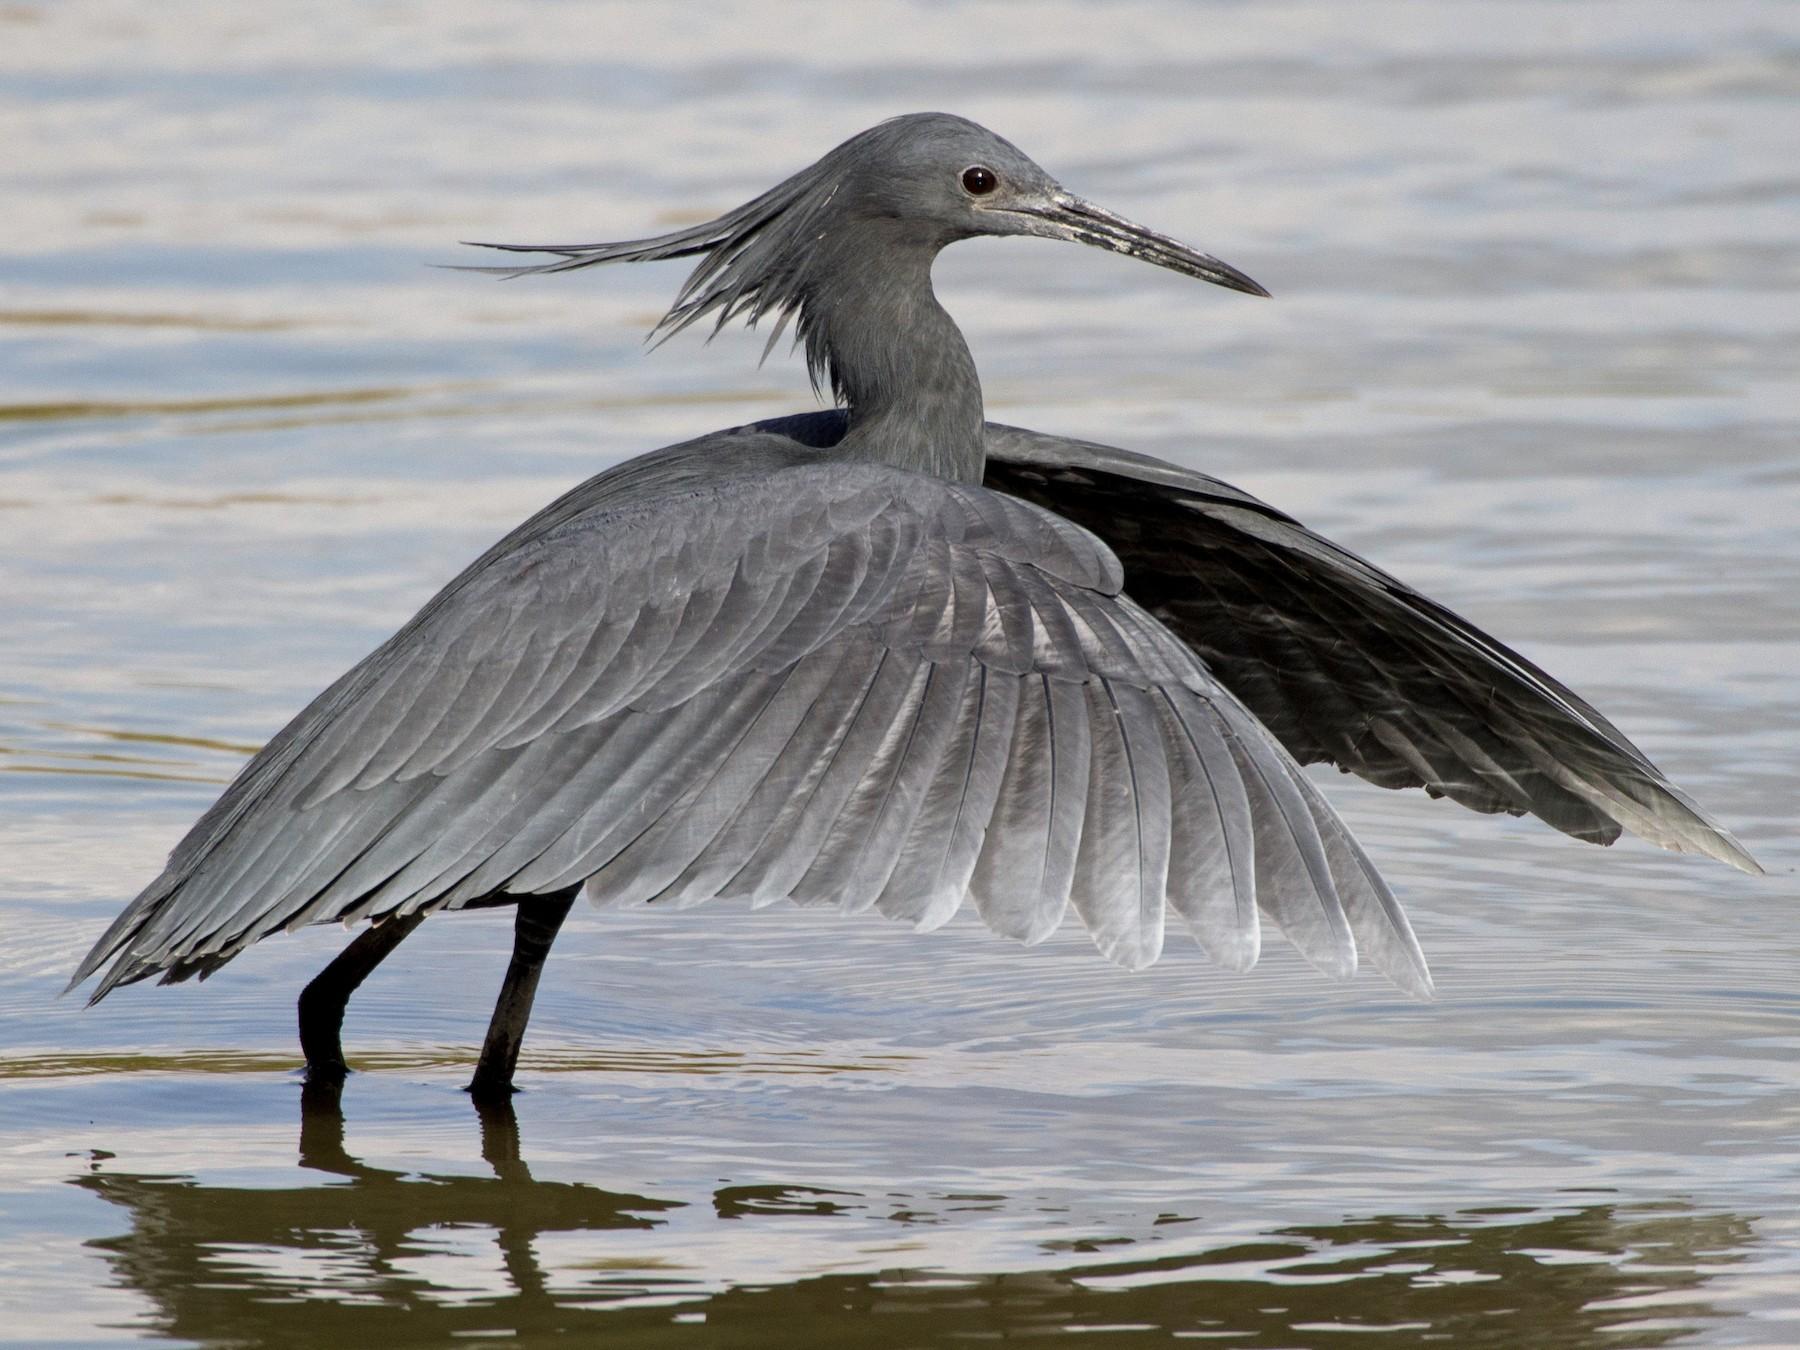 Black Heron - Eric van Poppel